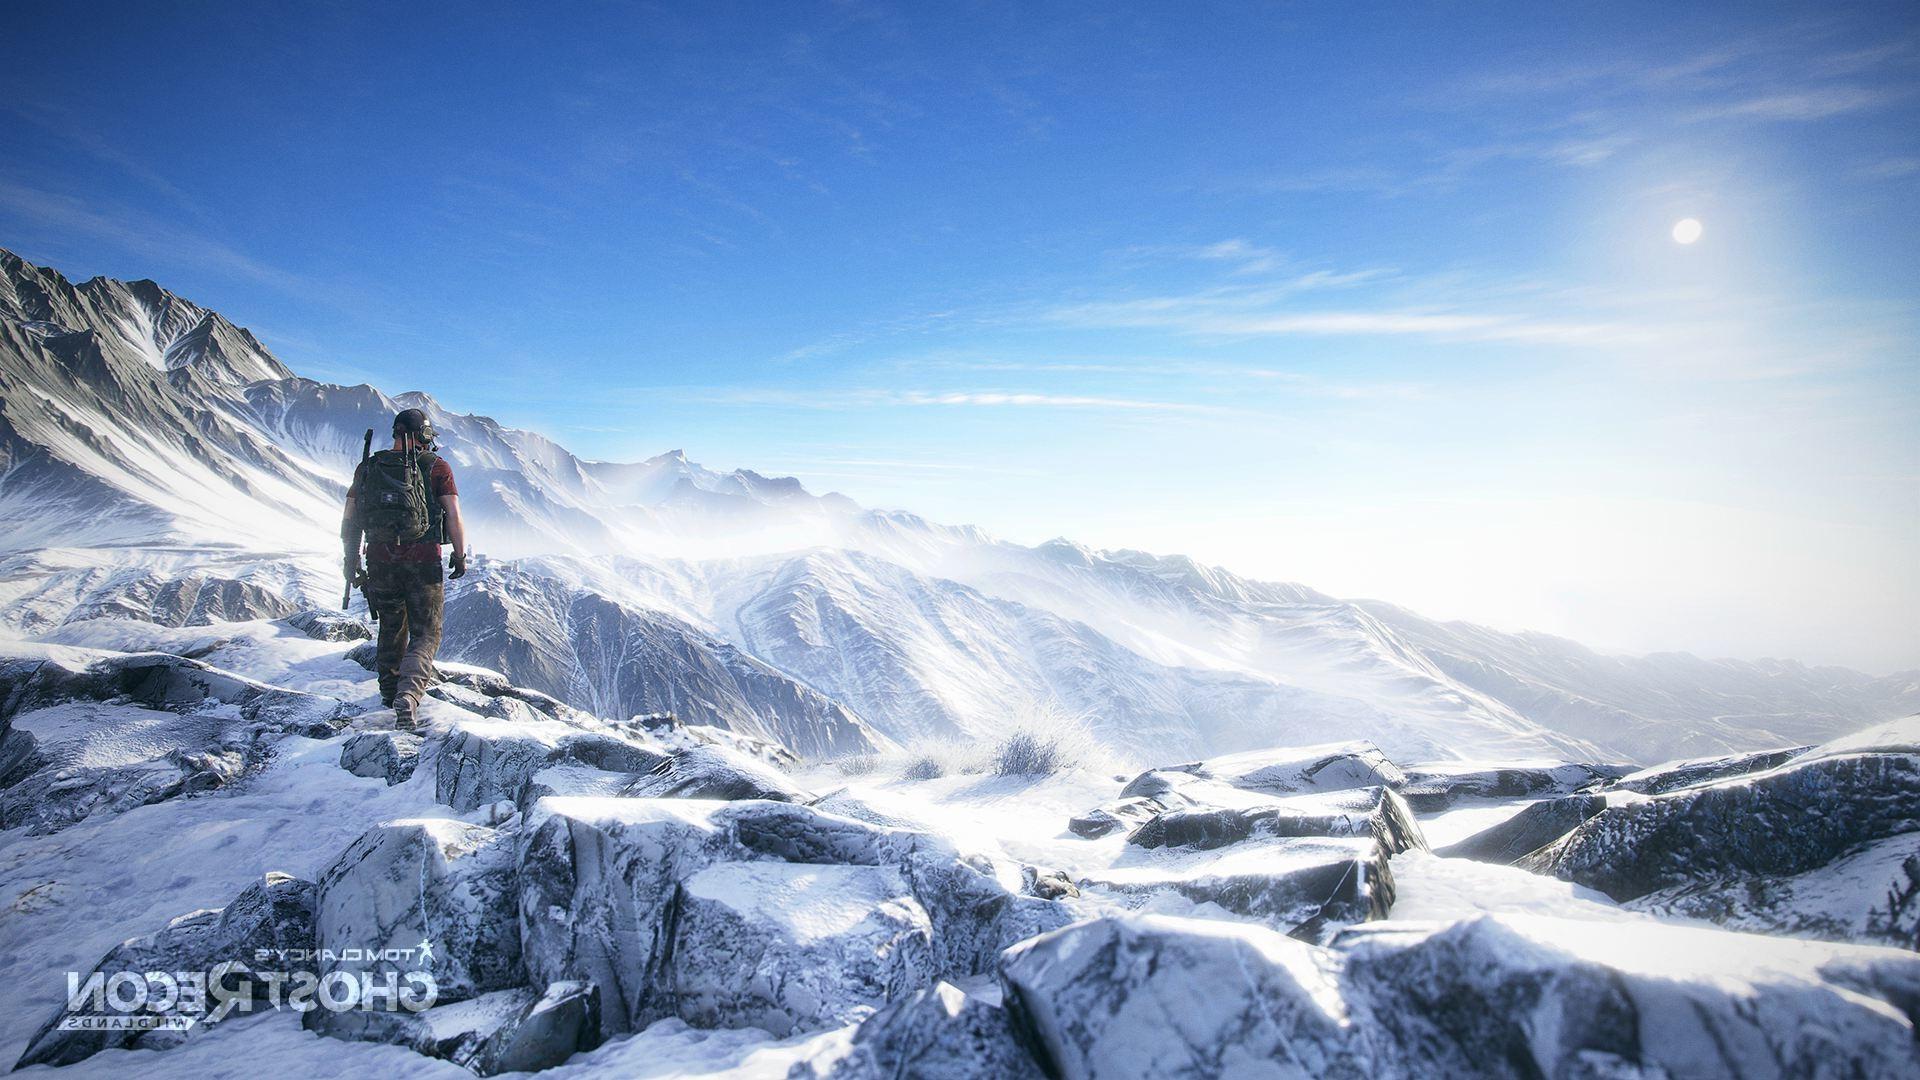 2016 Ghost Recon Wildlands, HD Games, 4k Wallpapers